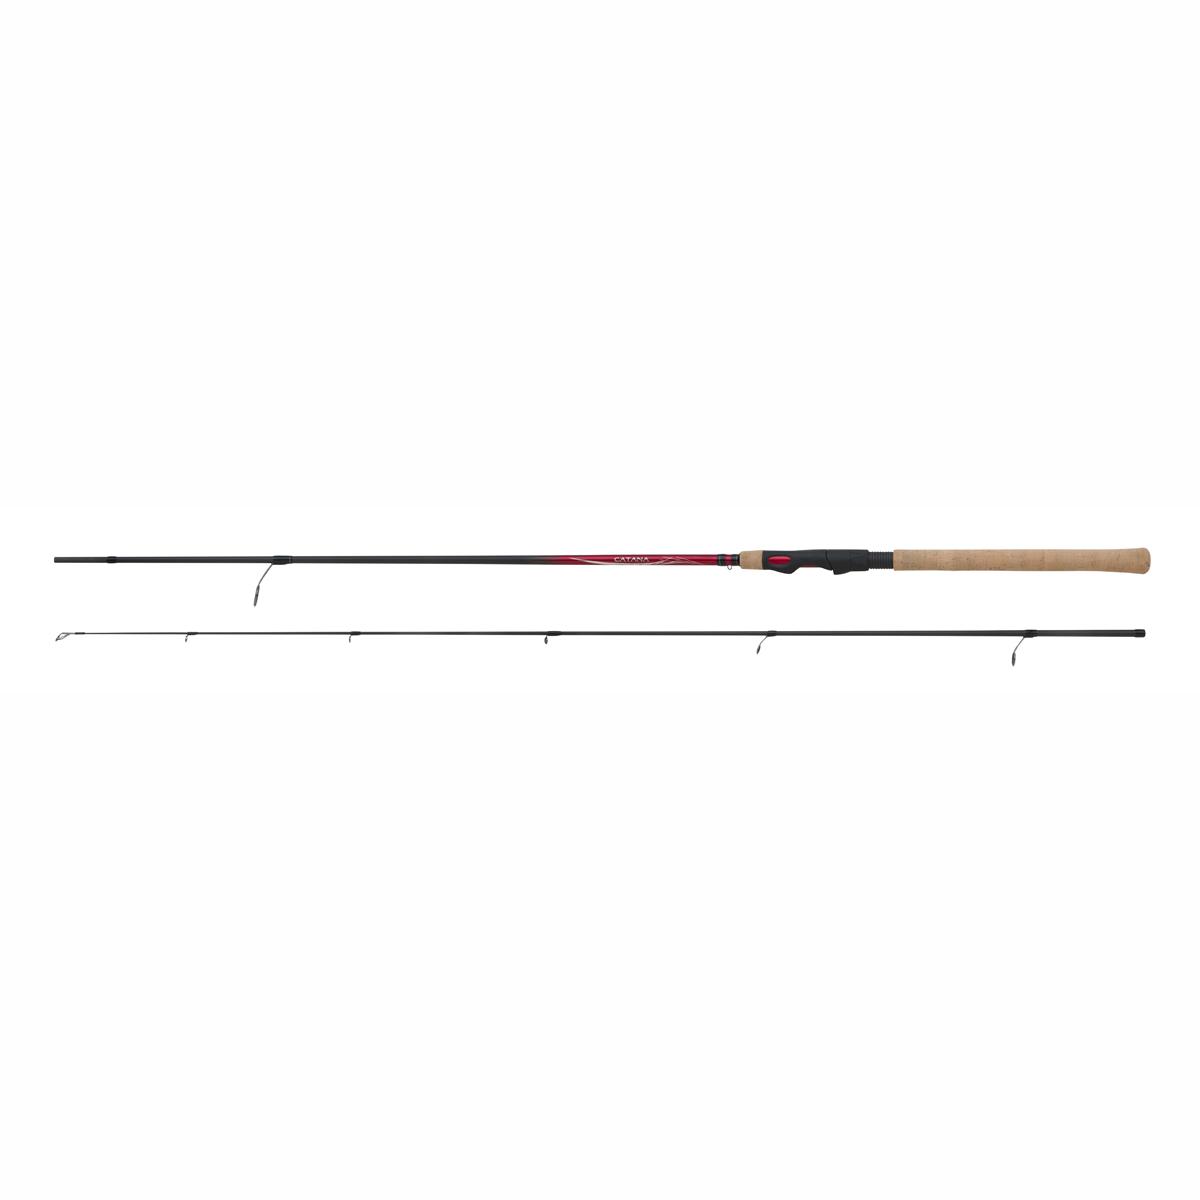 Rybolov-prút Shimano Catano Ex 2.10 m/7-21 g